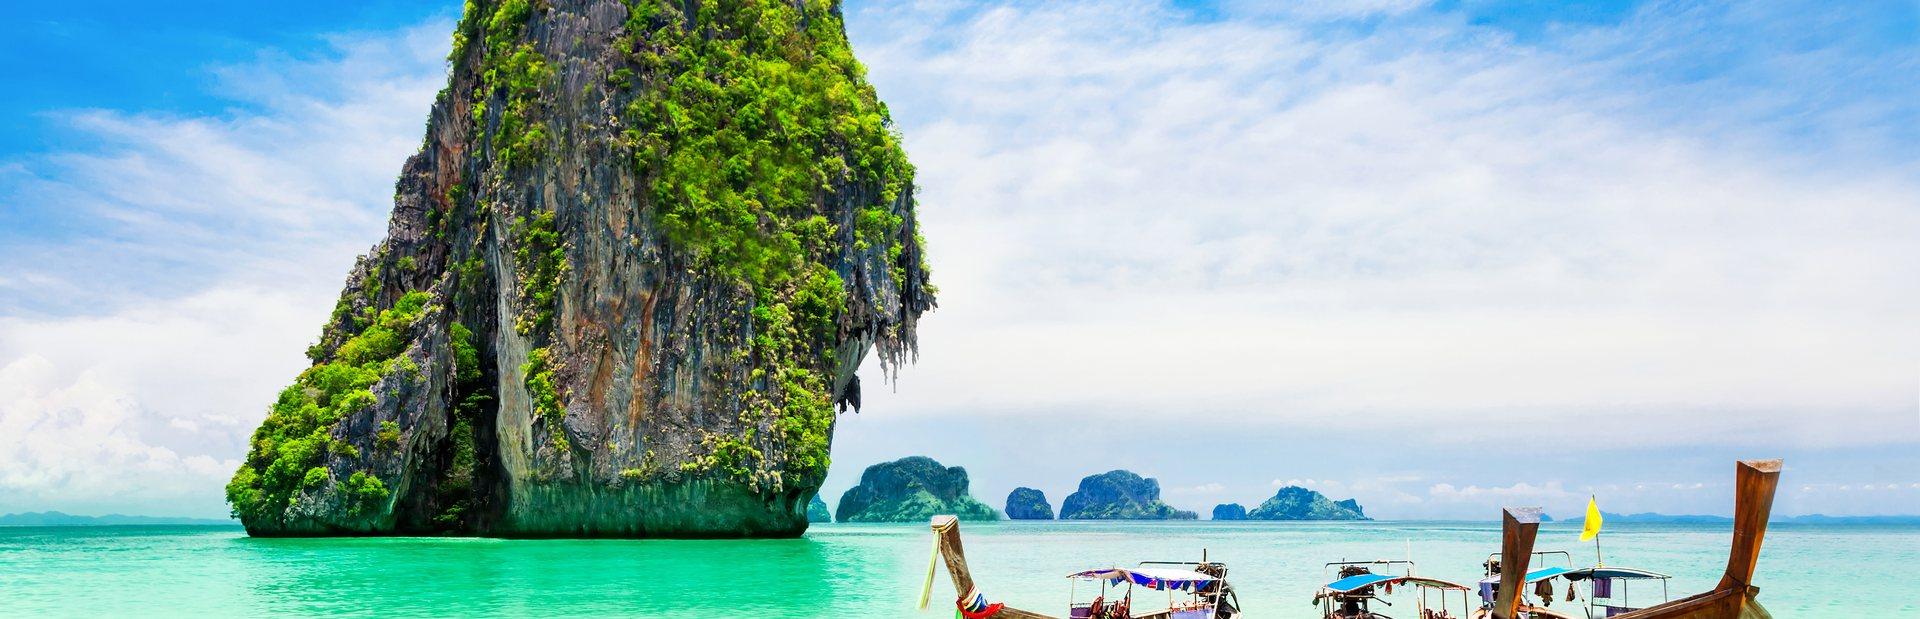 Phi Phi Islands guide